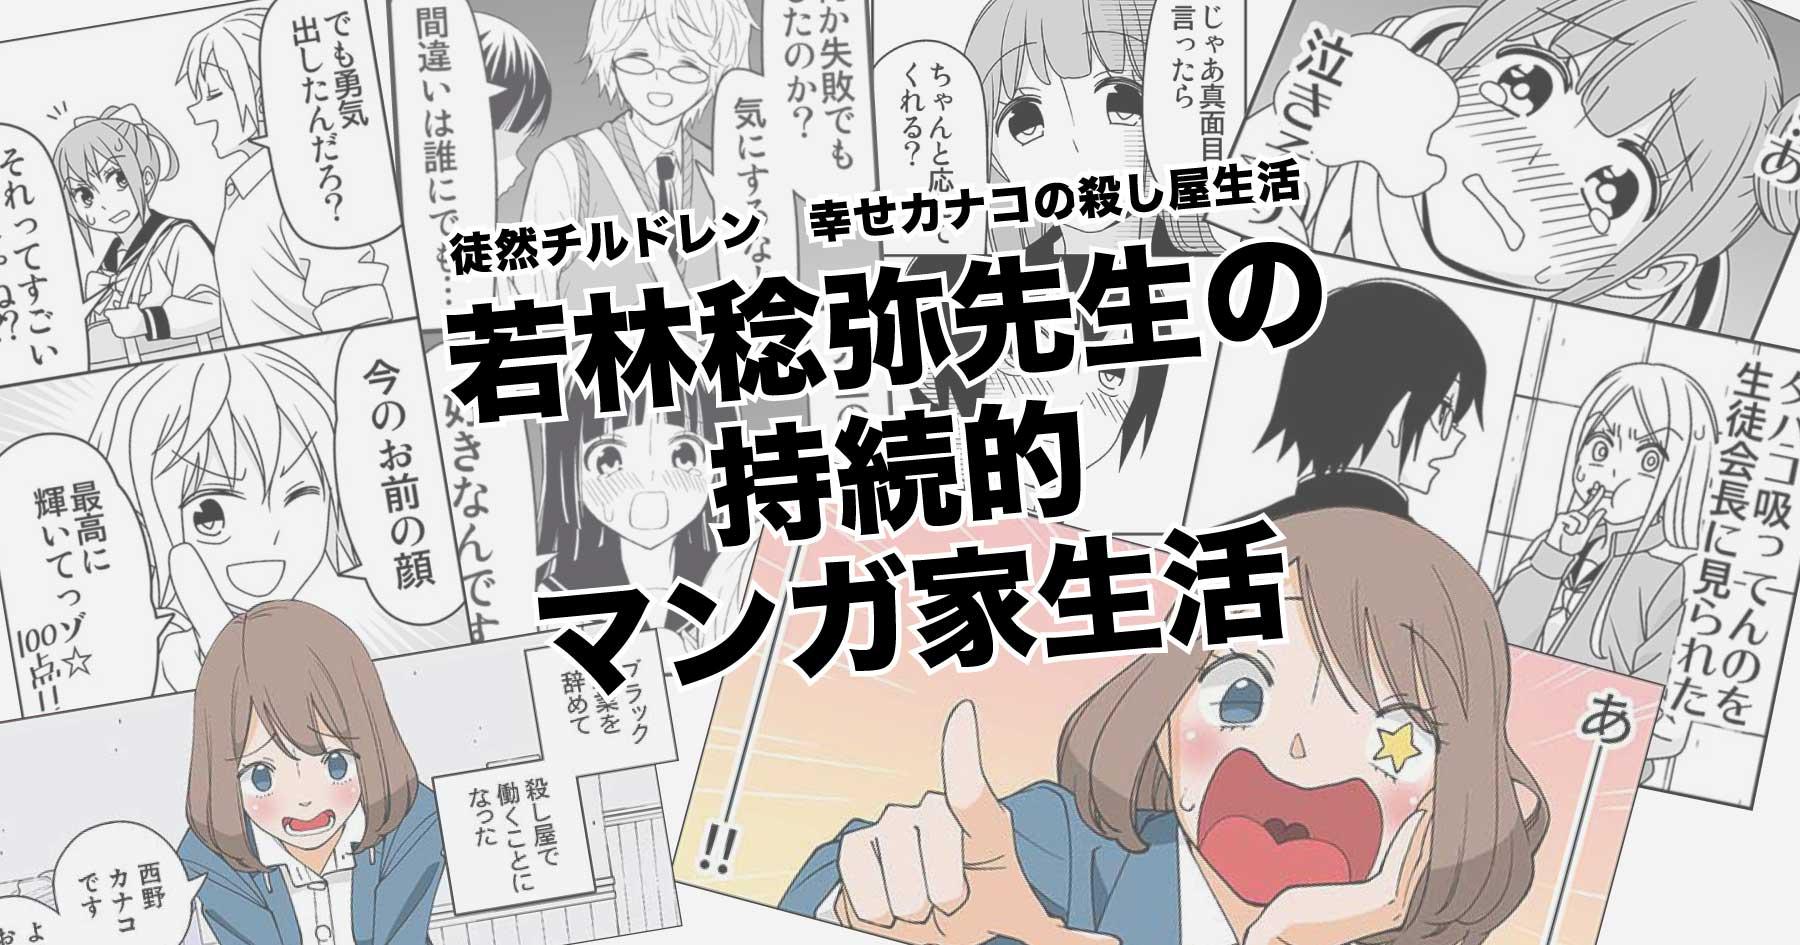 マンガノ若林稔弥さんインタビューメインカット